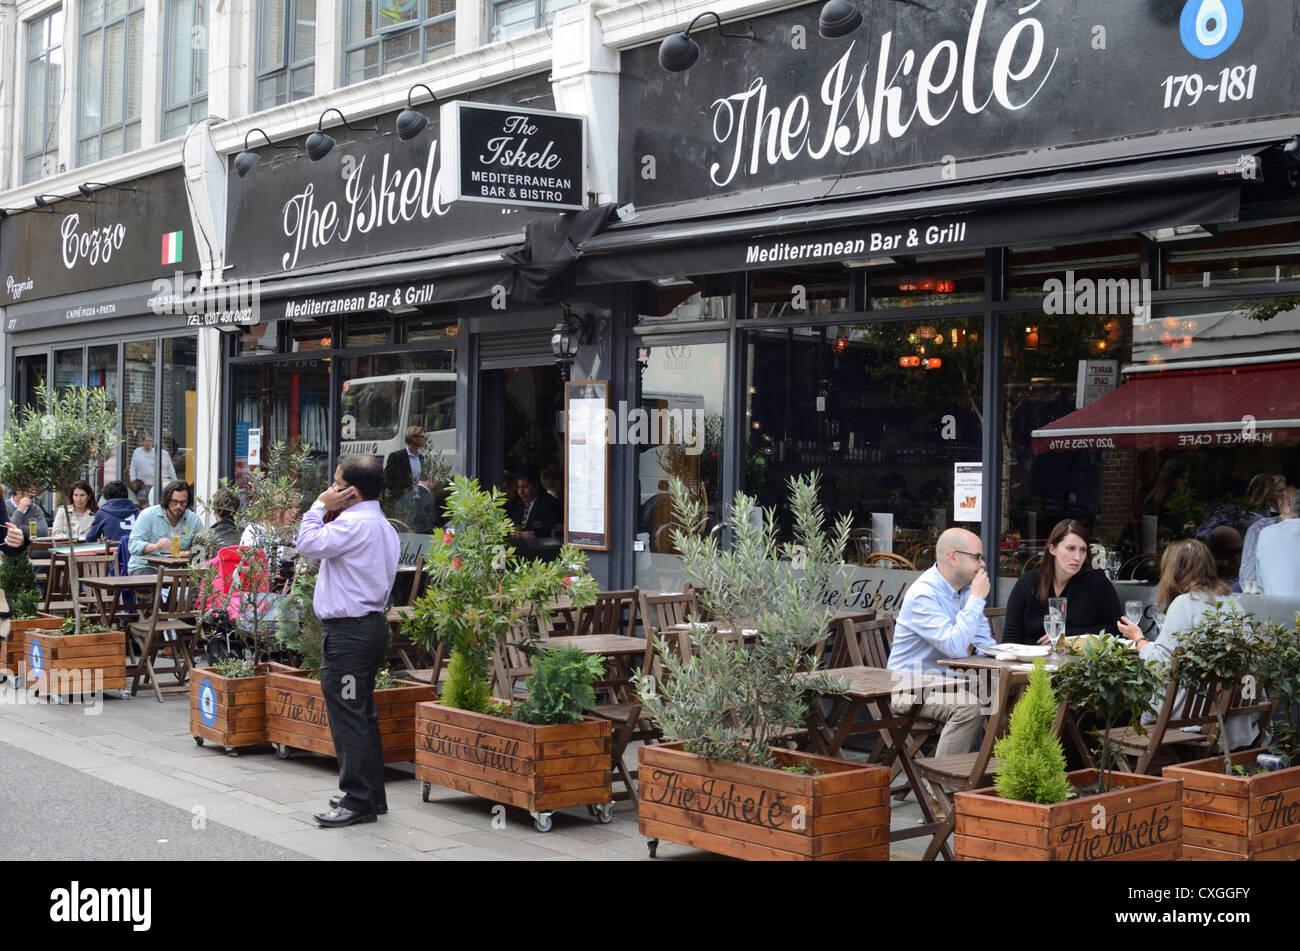 Iskele Mediterranean restaurant, Whitecross St, Clerkenwell, London, England - Stock Image